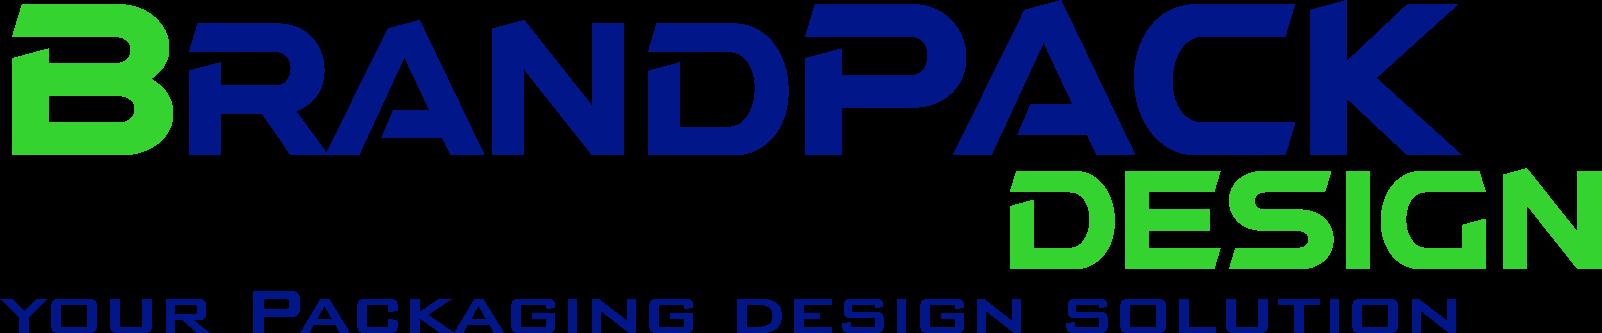 brandpack-design-logo